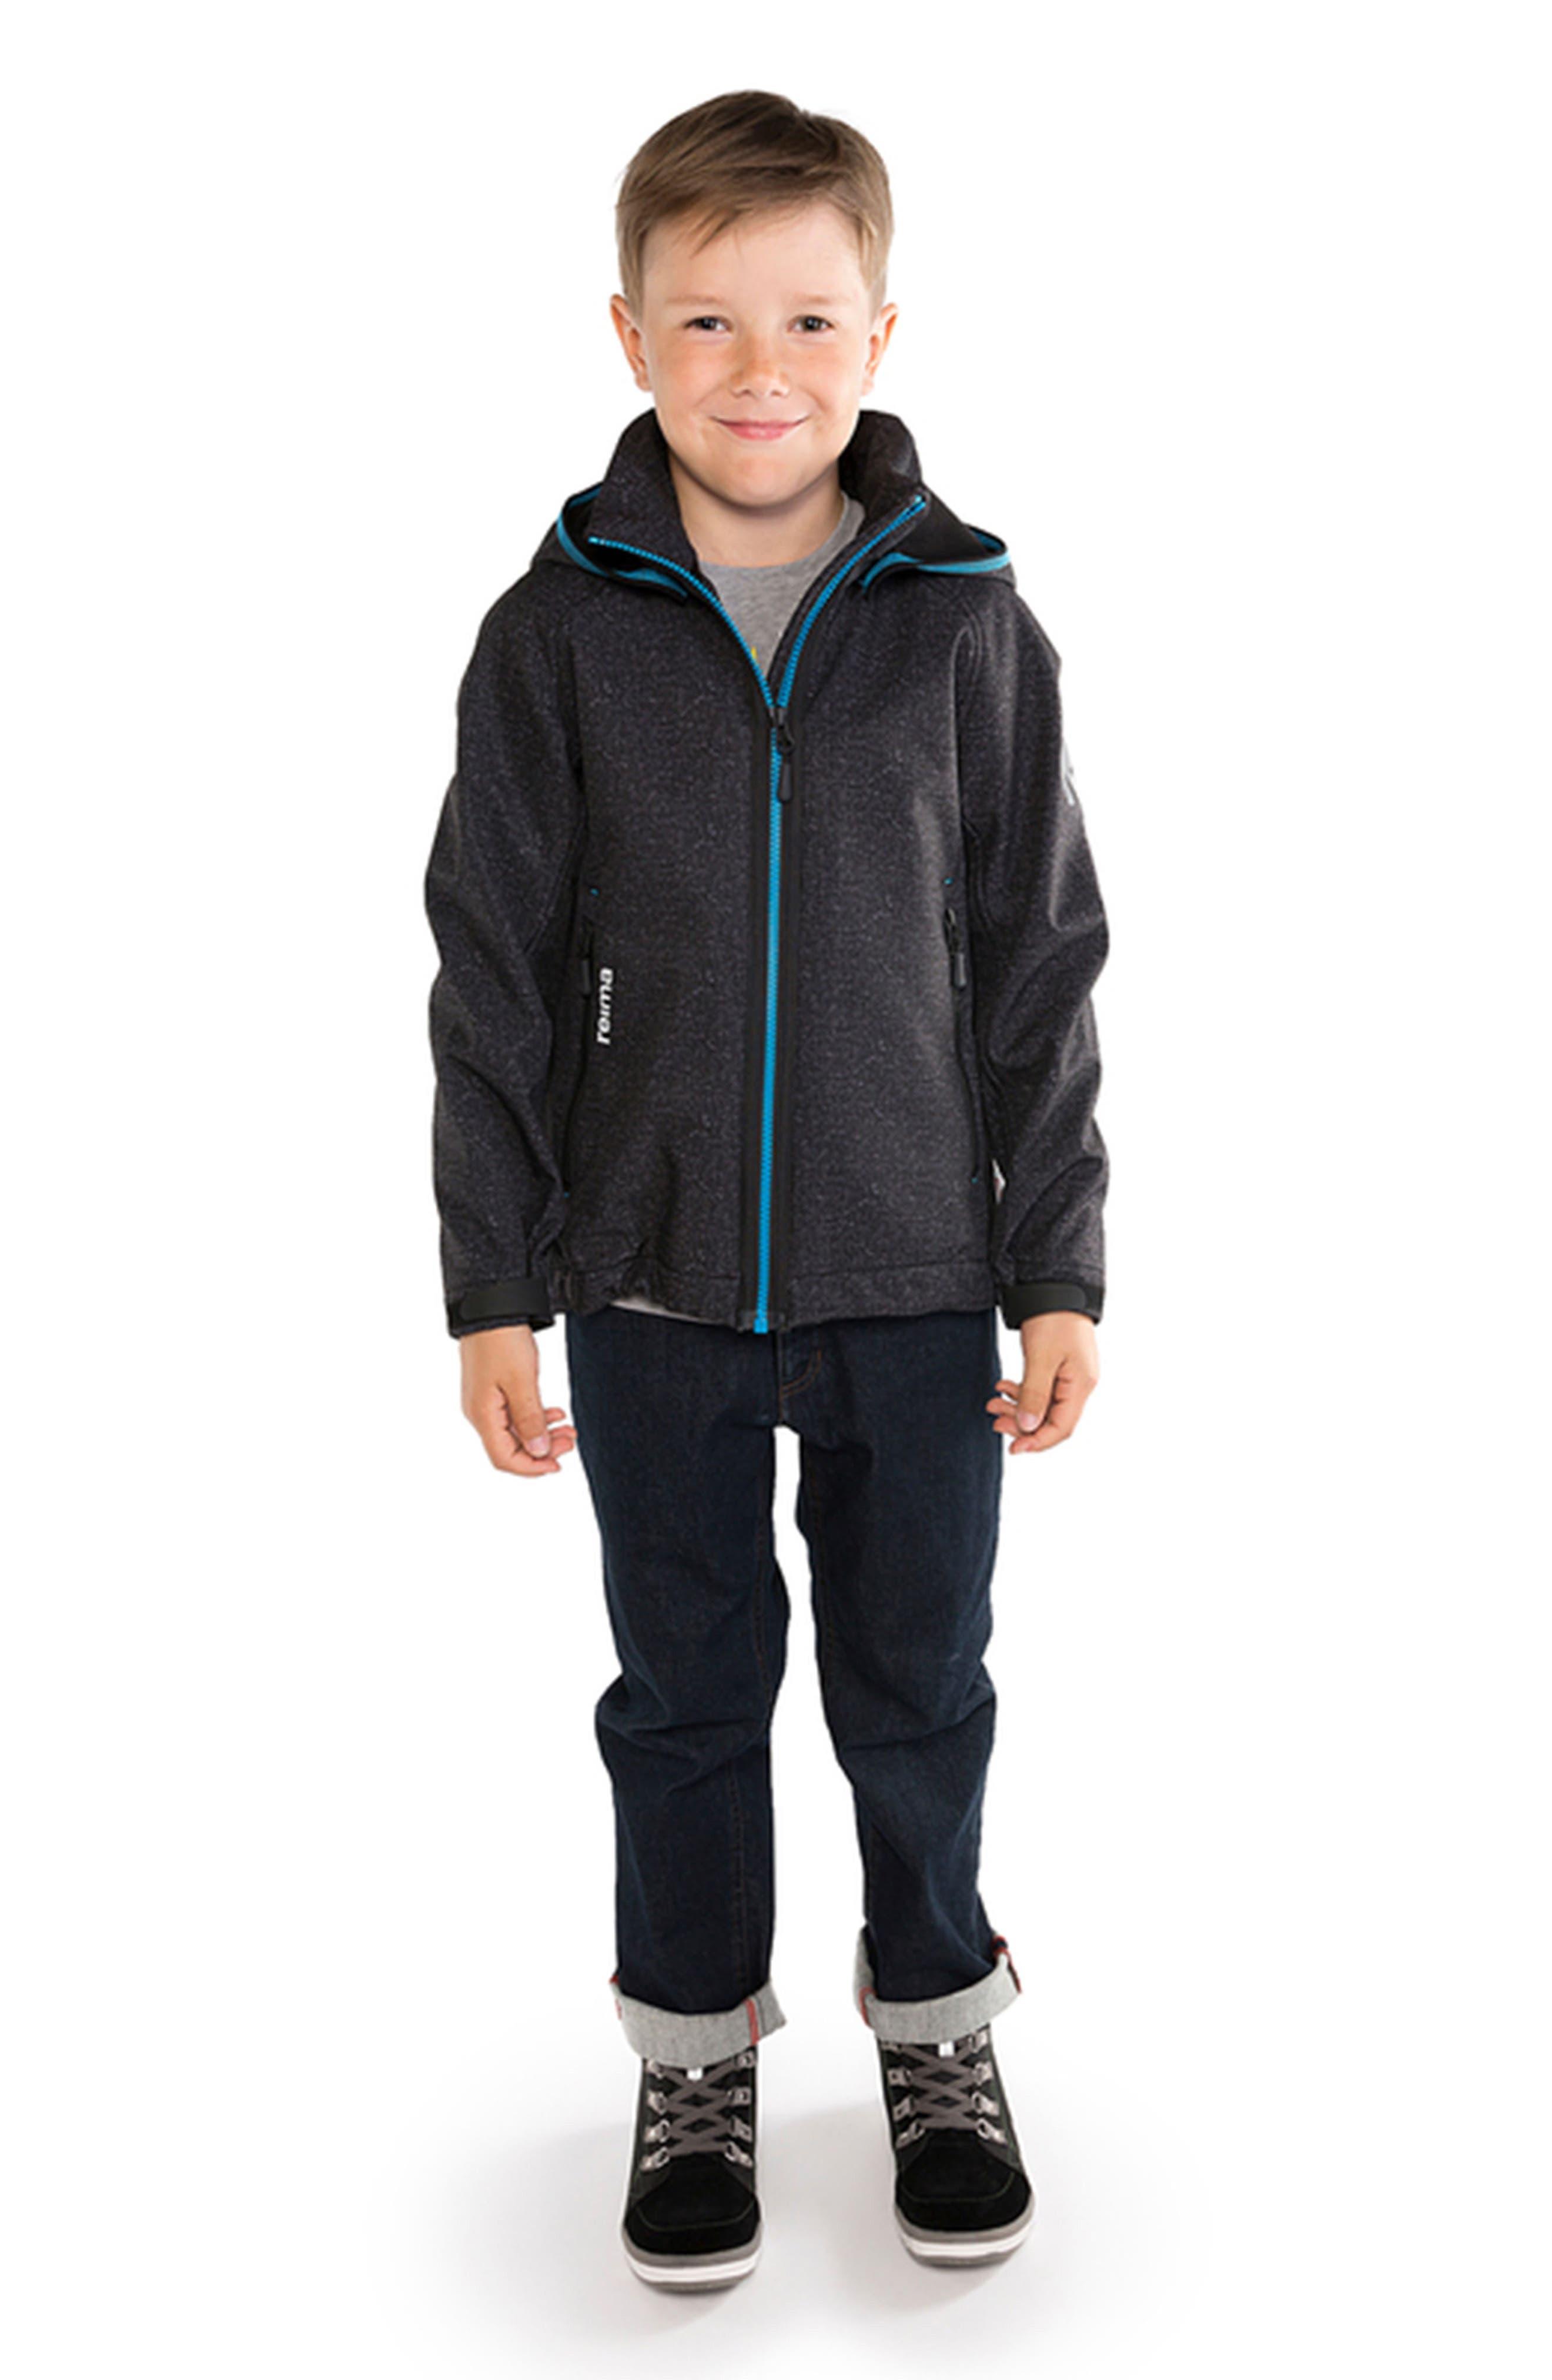 Zayak Waterproof Hooded Jacket,                             Alternate thumbnail 3, color,                             020